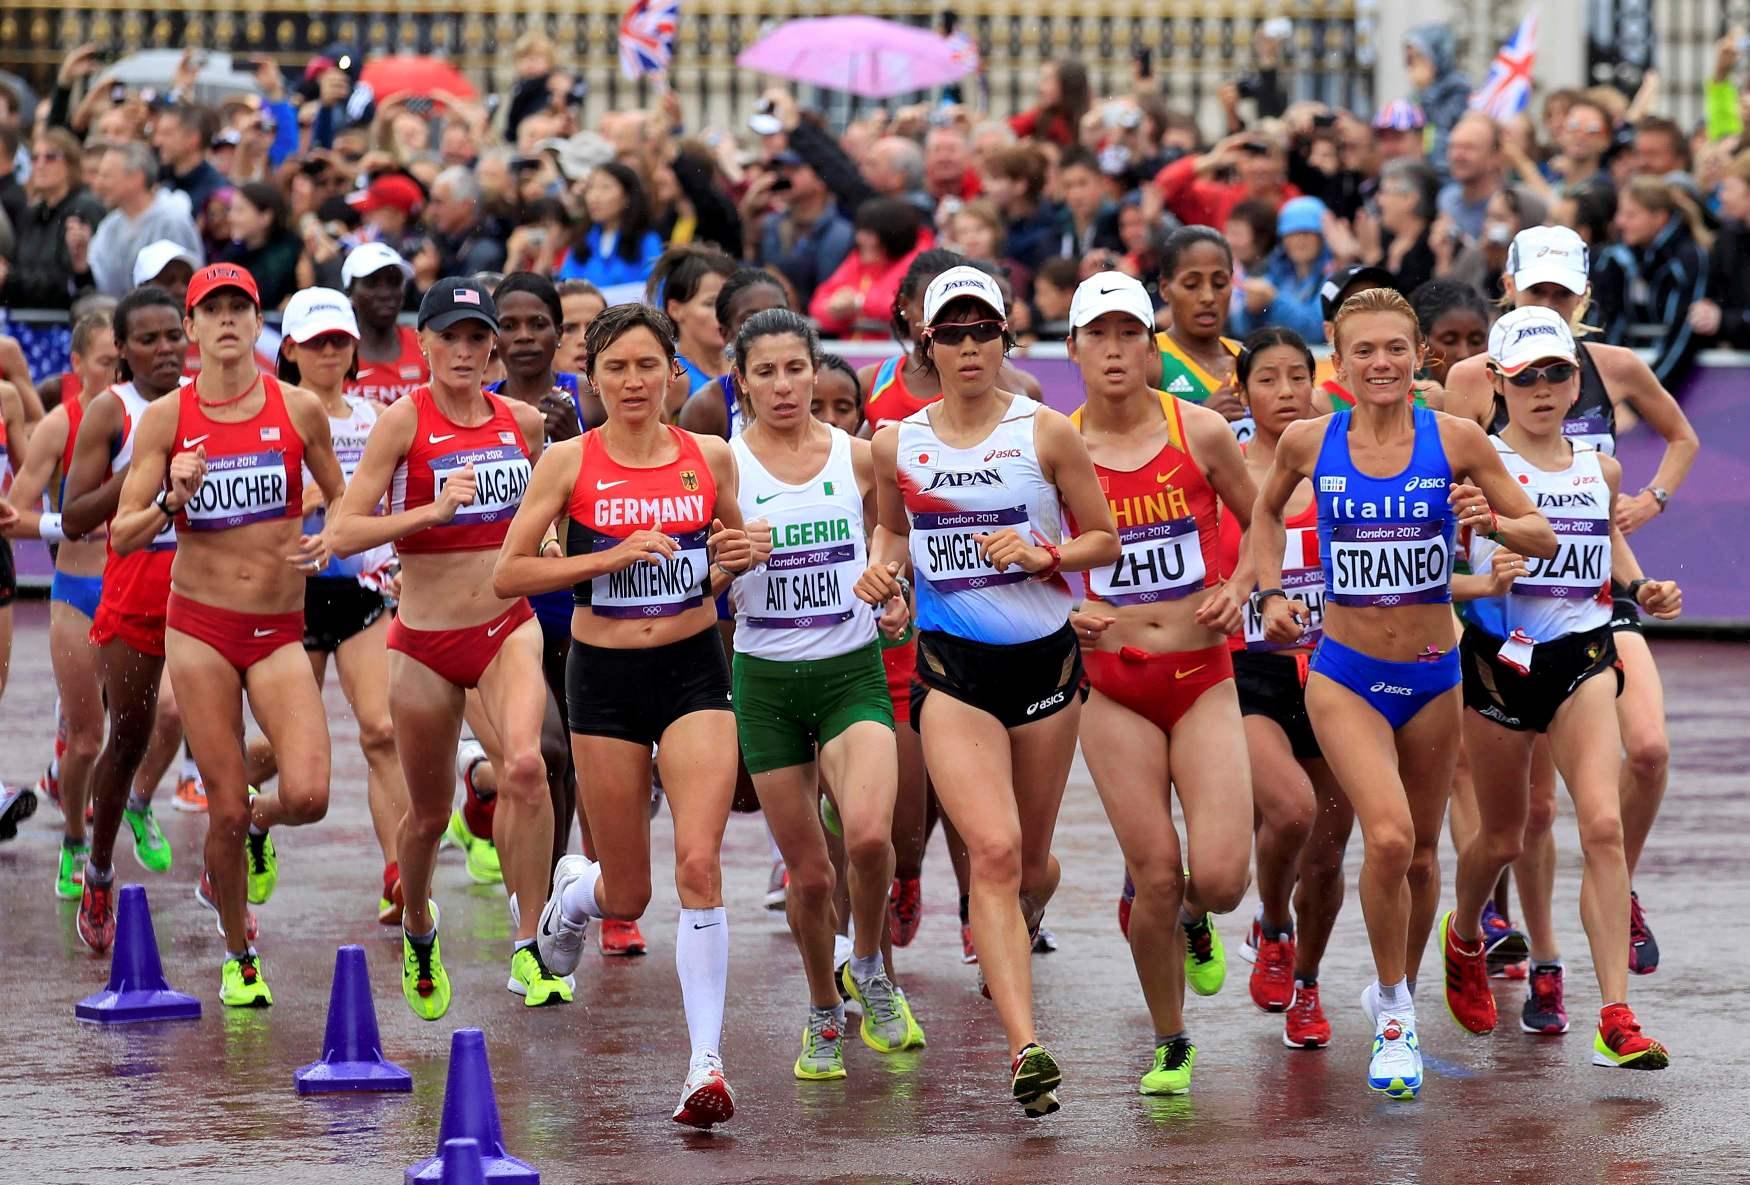 maratone di giugno